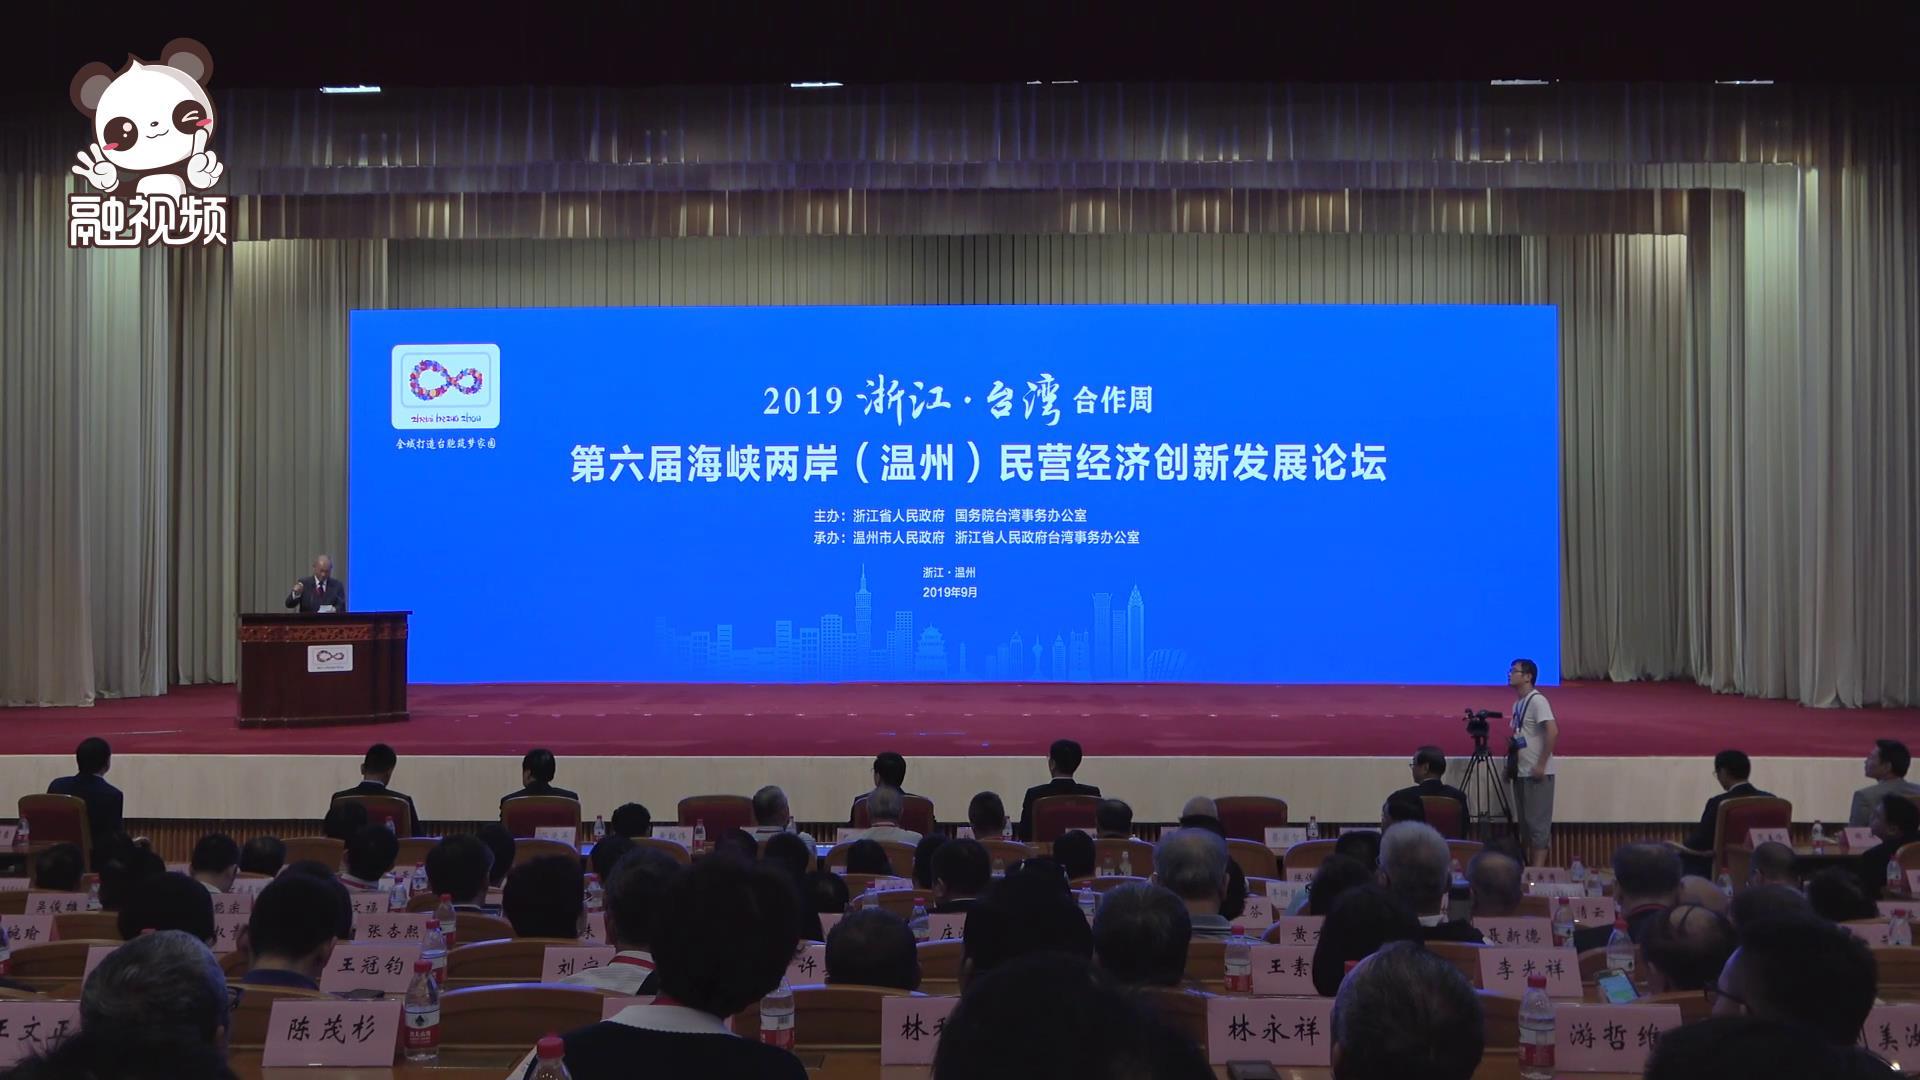 第六届海峡两岸(温州)民营经济创新发展论坛图片